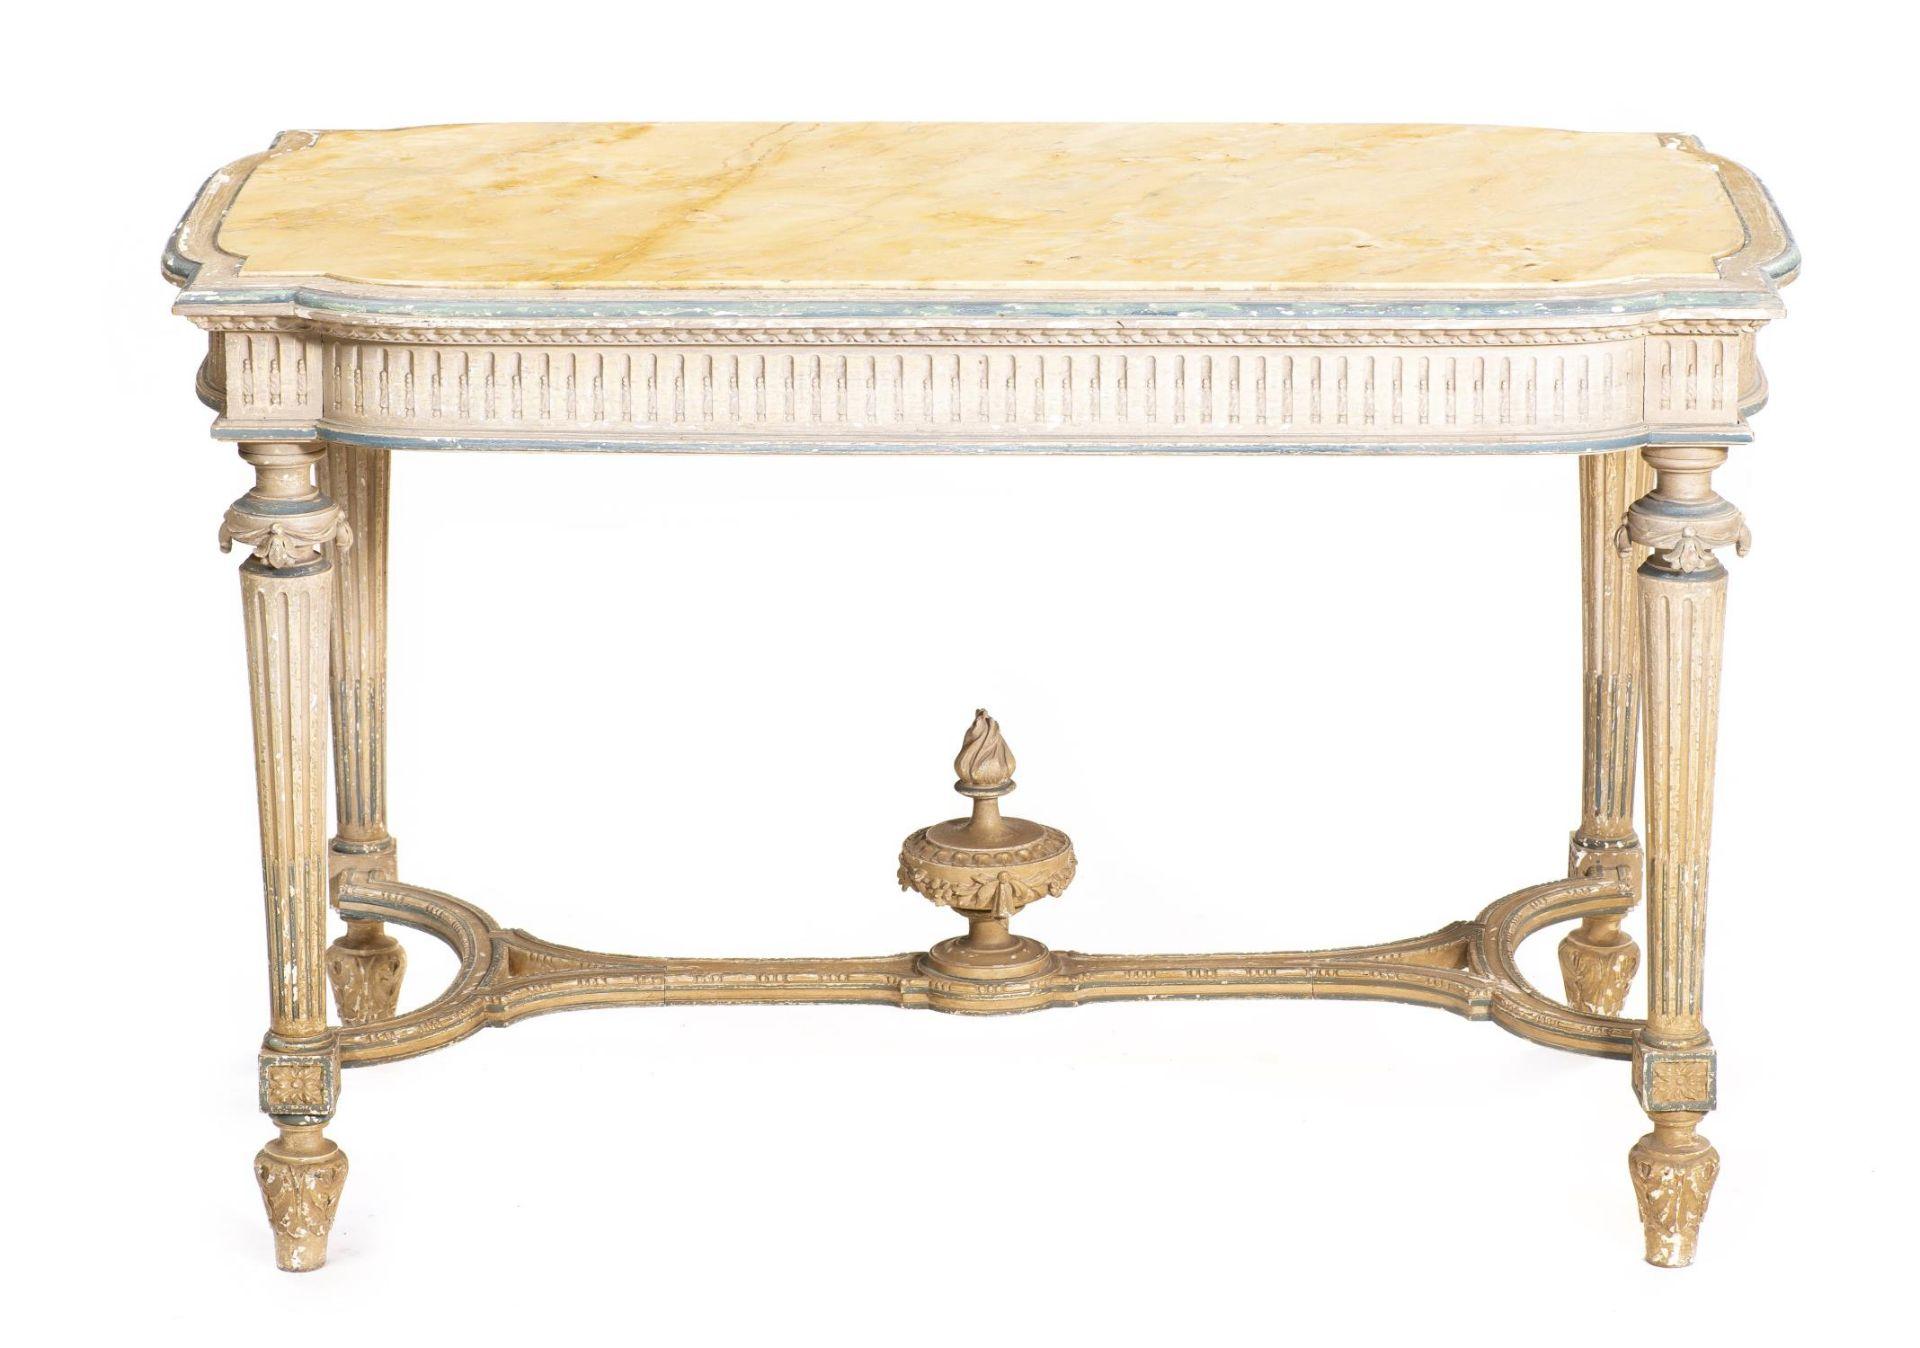 Table de chasse de style Louis XVI avec plateau de marbre jaune